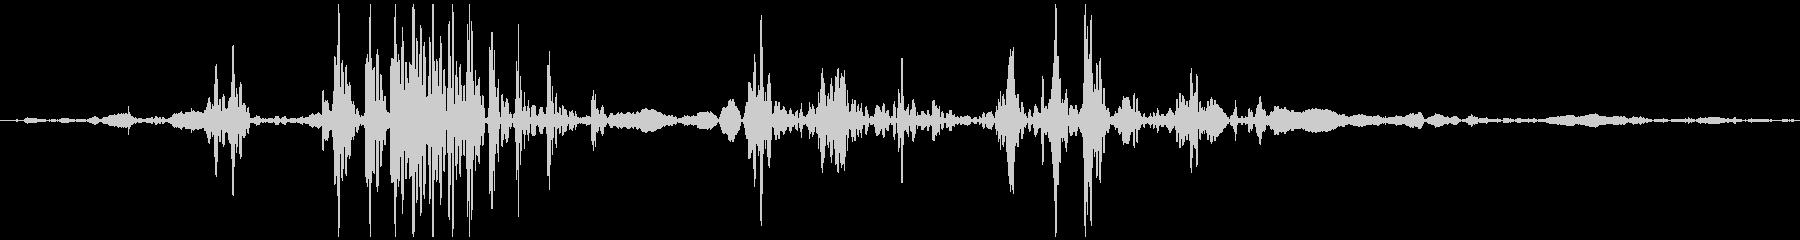 ゴクン 喉の音3の未再生の波形